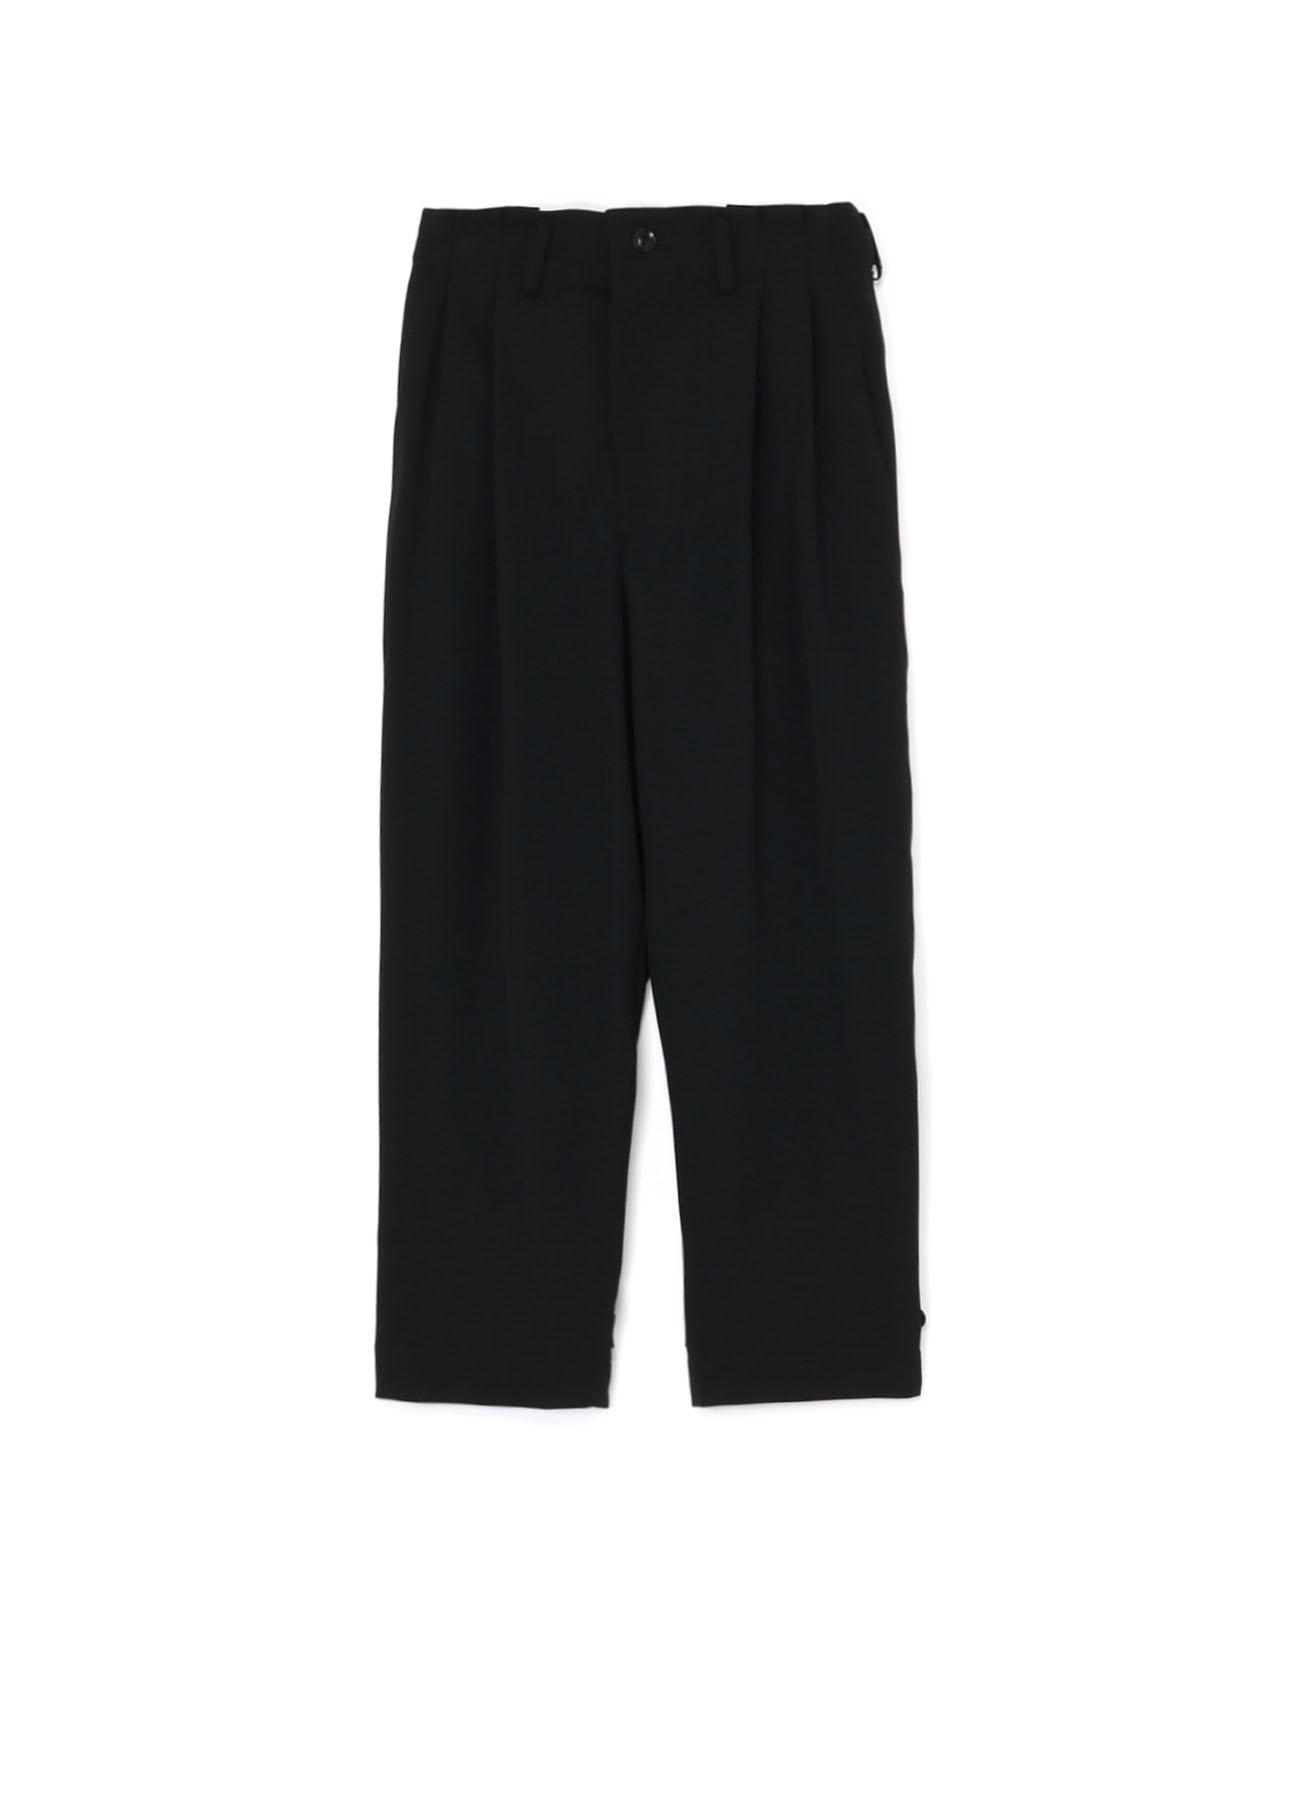 轧别丁裙裤